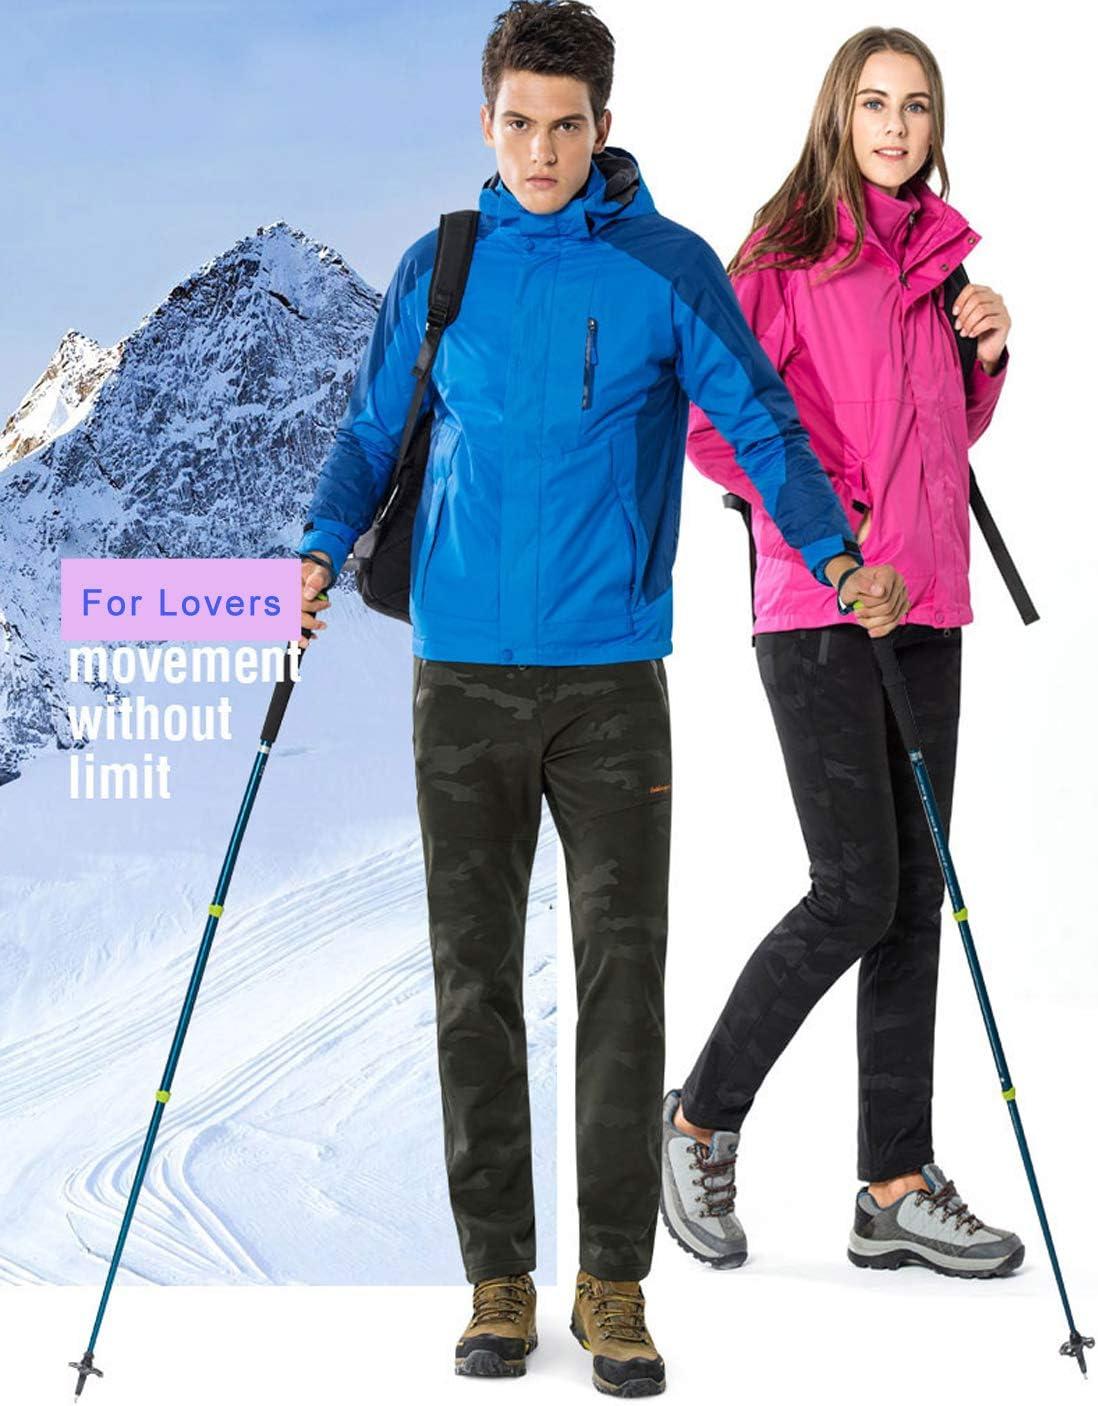 LY4U Frauen Outdoor wasserdichte Softshell Fleece Gef/ütterte Hose Wandern Skifahren Camping Winddichte Hosen f/ür Herbst//Winter//Fr/ühling